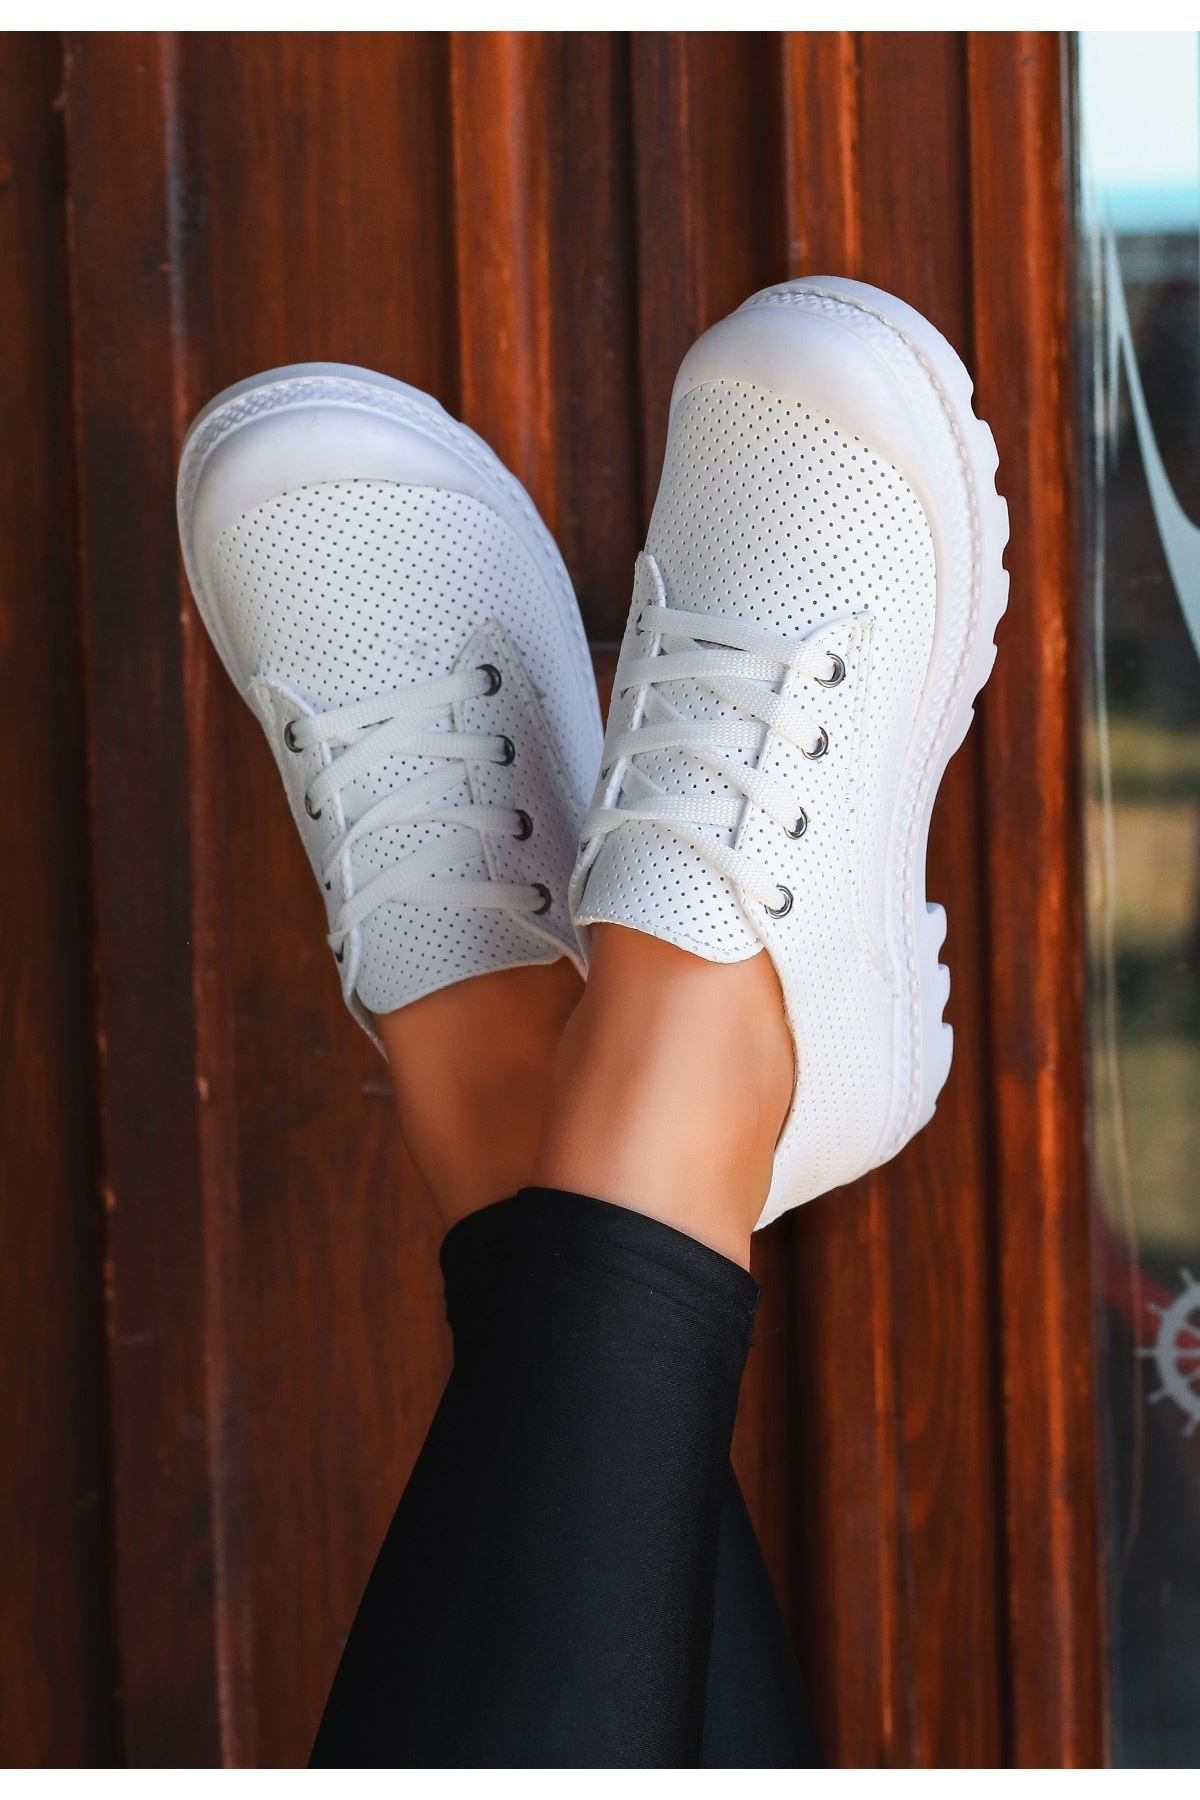 Mash Beyaz Cilt Fileli Bağcıklı Spor Ayakkabı